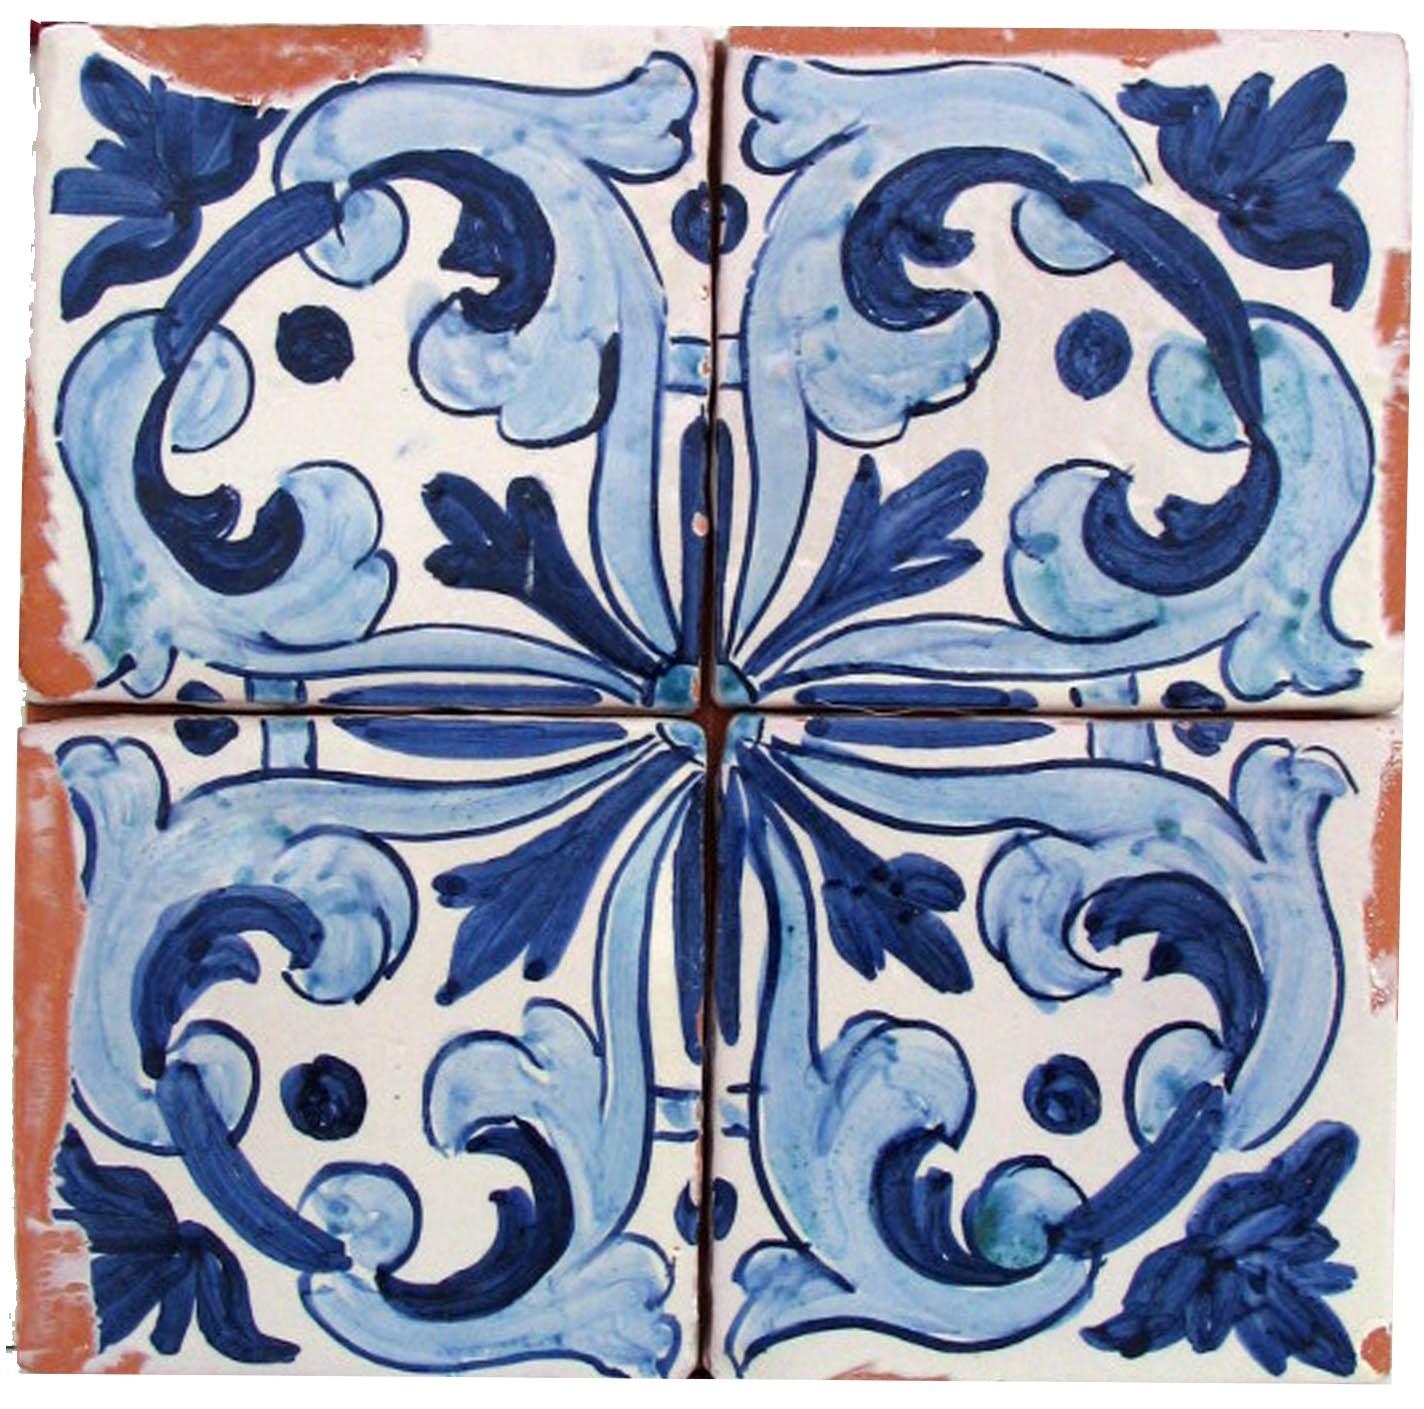 Decoraci n cer mica c rcamo - Ceramica decoracion ...